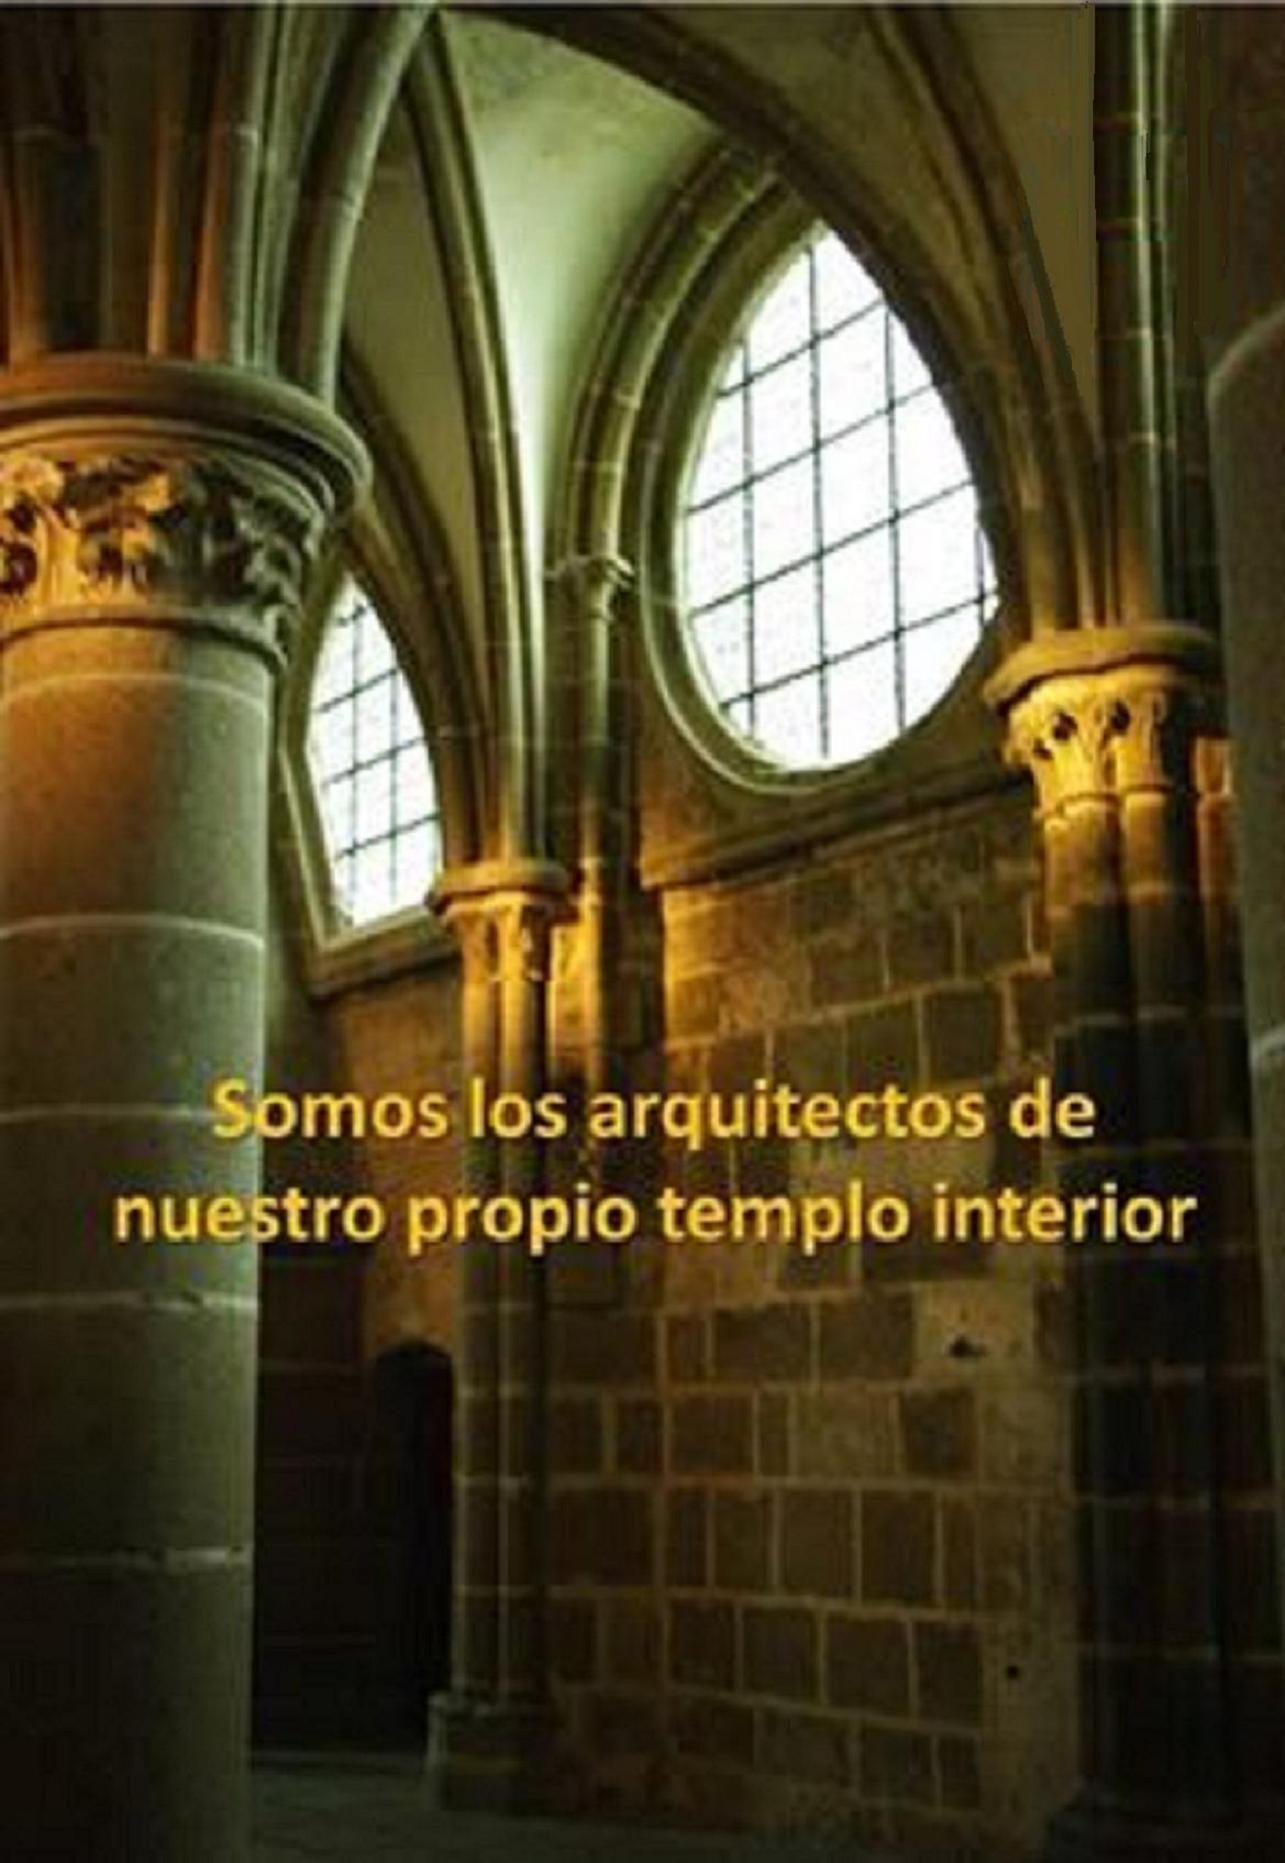 Somos los arquitectos de nuestro propio templo interior   rosbs